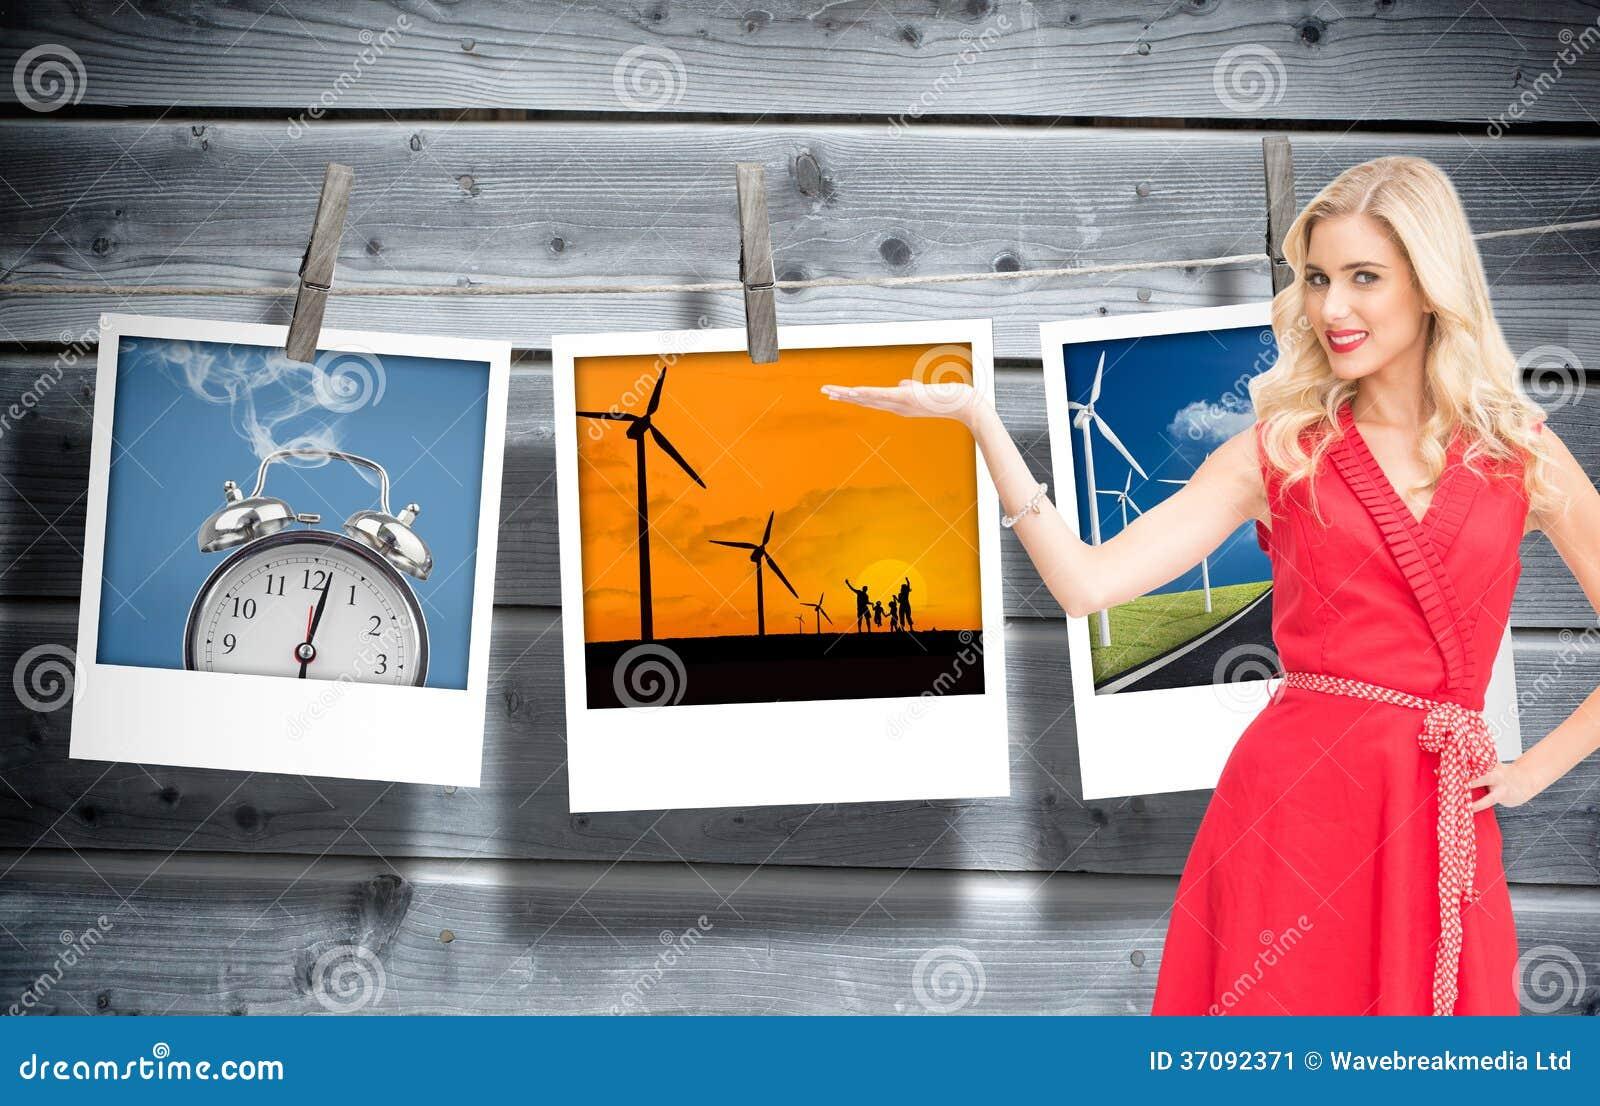 Download Uśmiechnięty Blondynki Przedstawiać Obraz Stock - Obraz złożonej z wiatraczek, biznesmen: 37092371